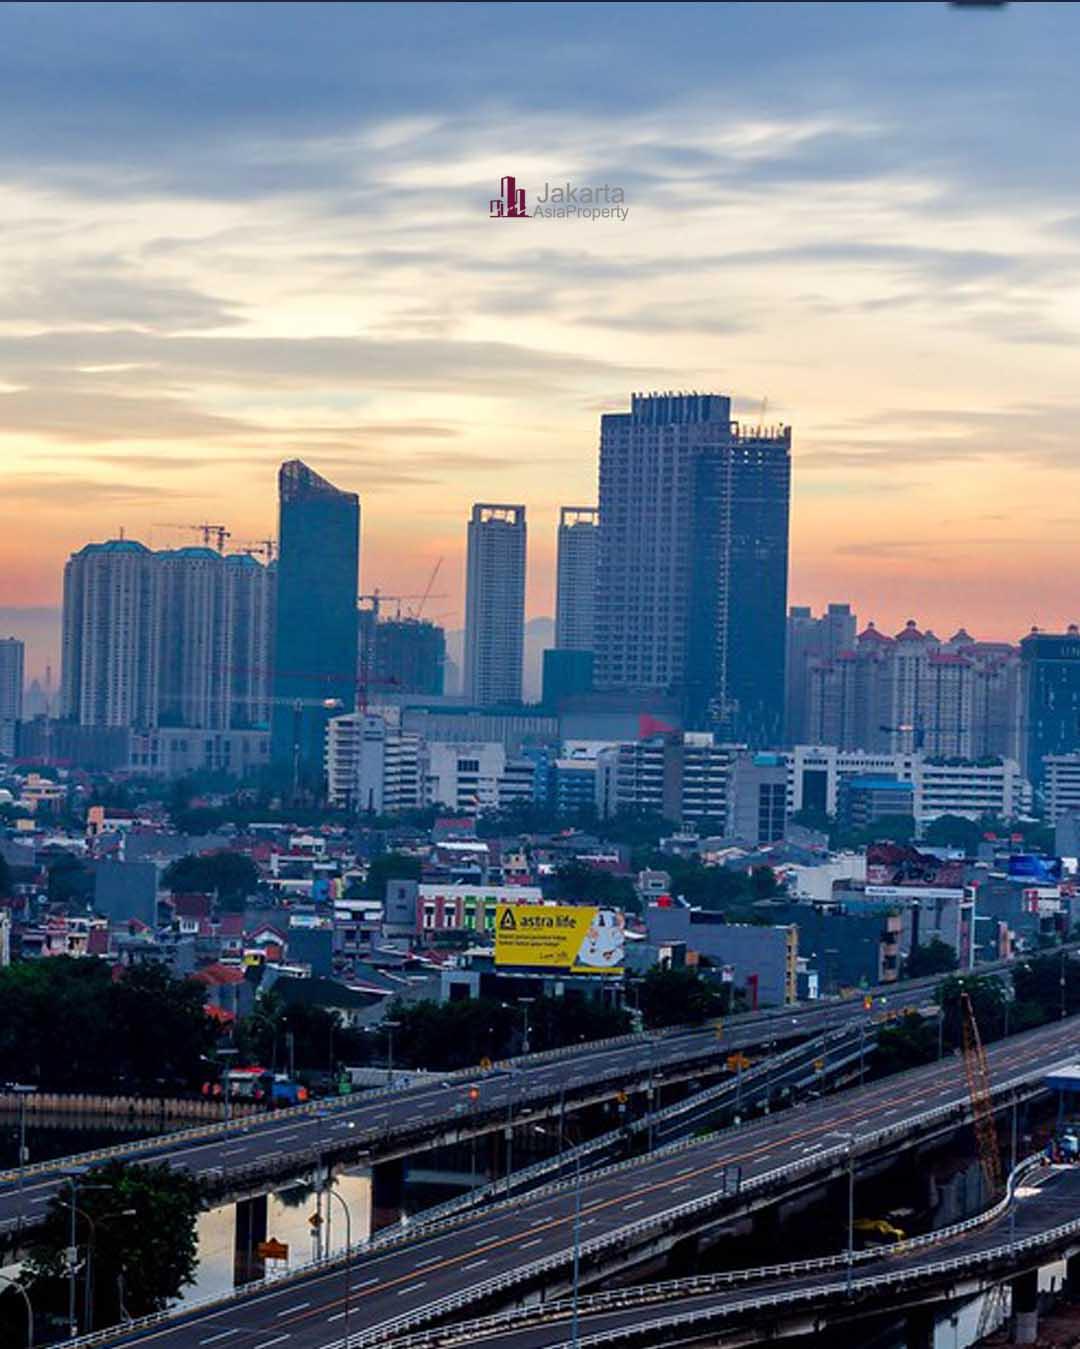 Jakarta Utara Area